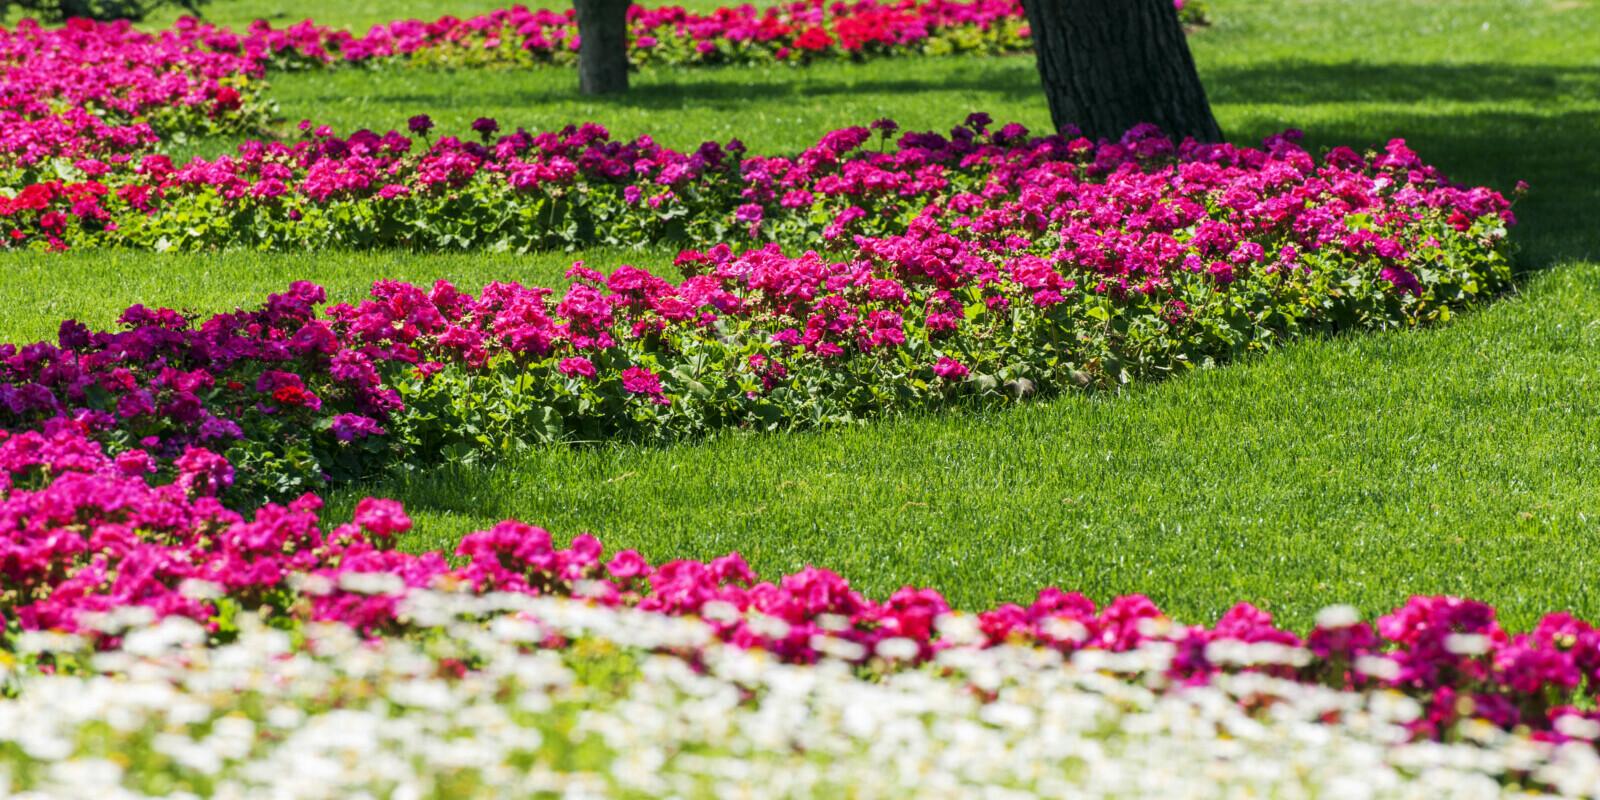 Flowers bed in ornamental garden.